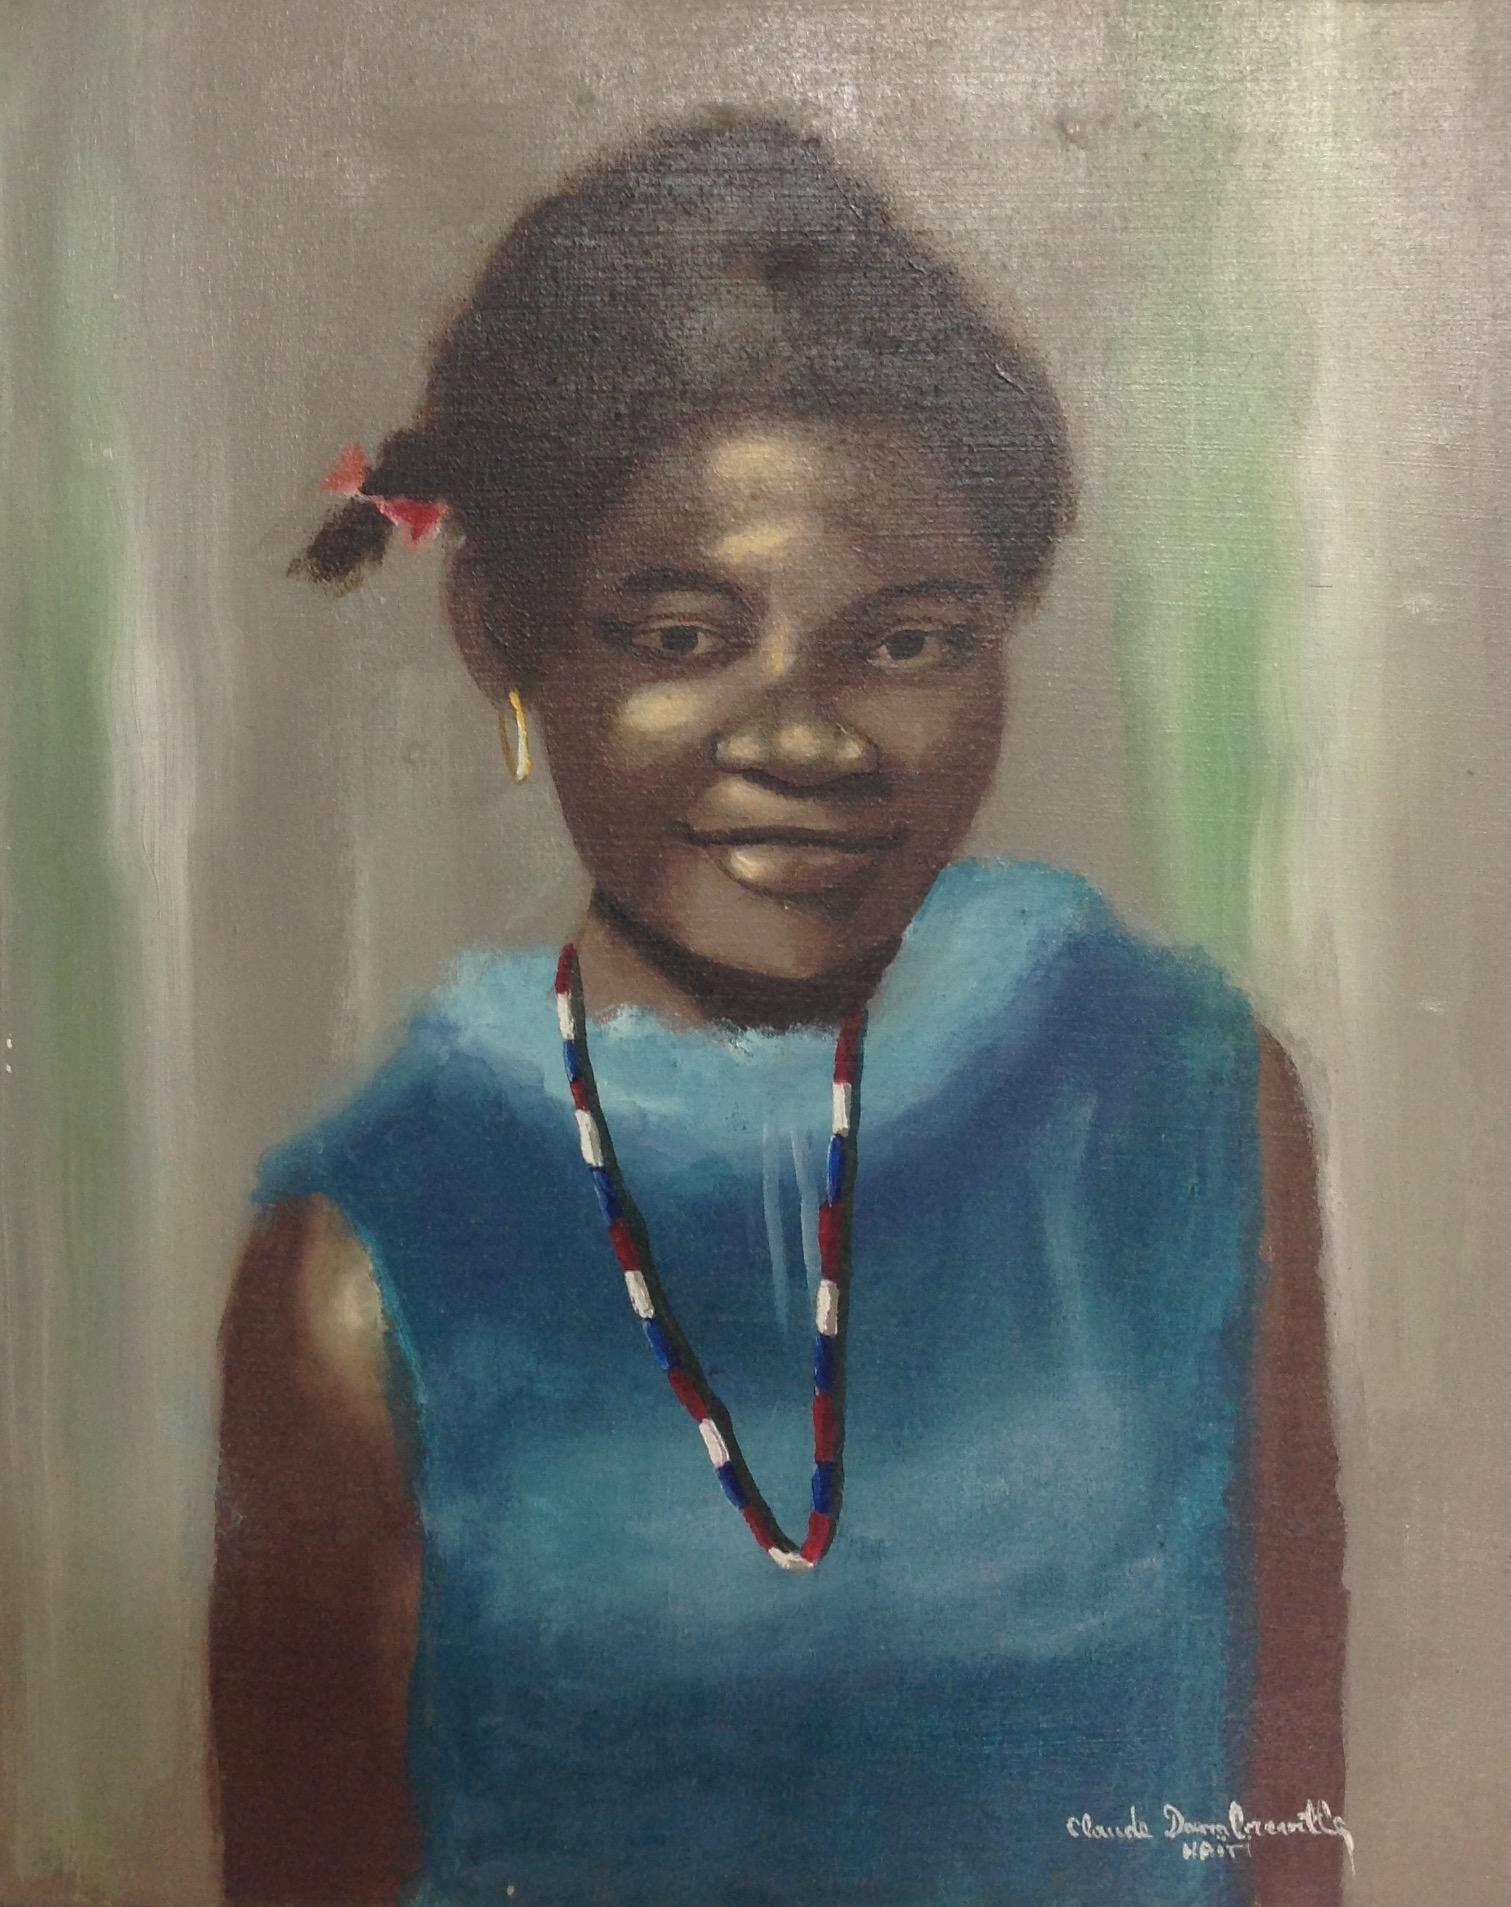 Dambreville Claude 16X20 #96-3-96 canvas 1973